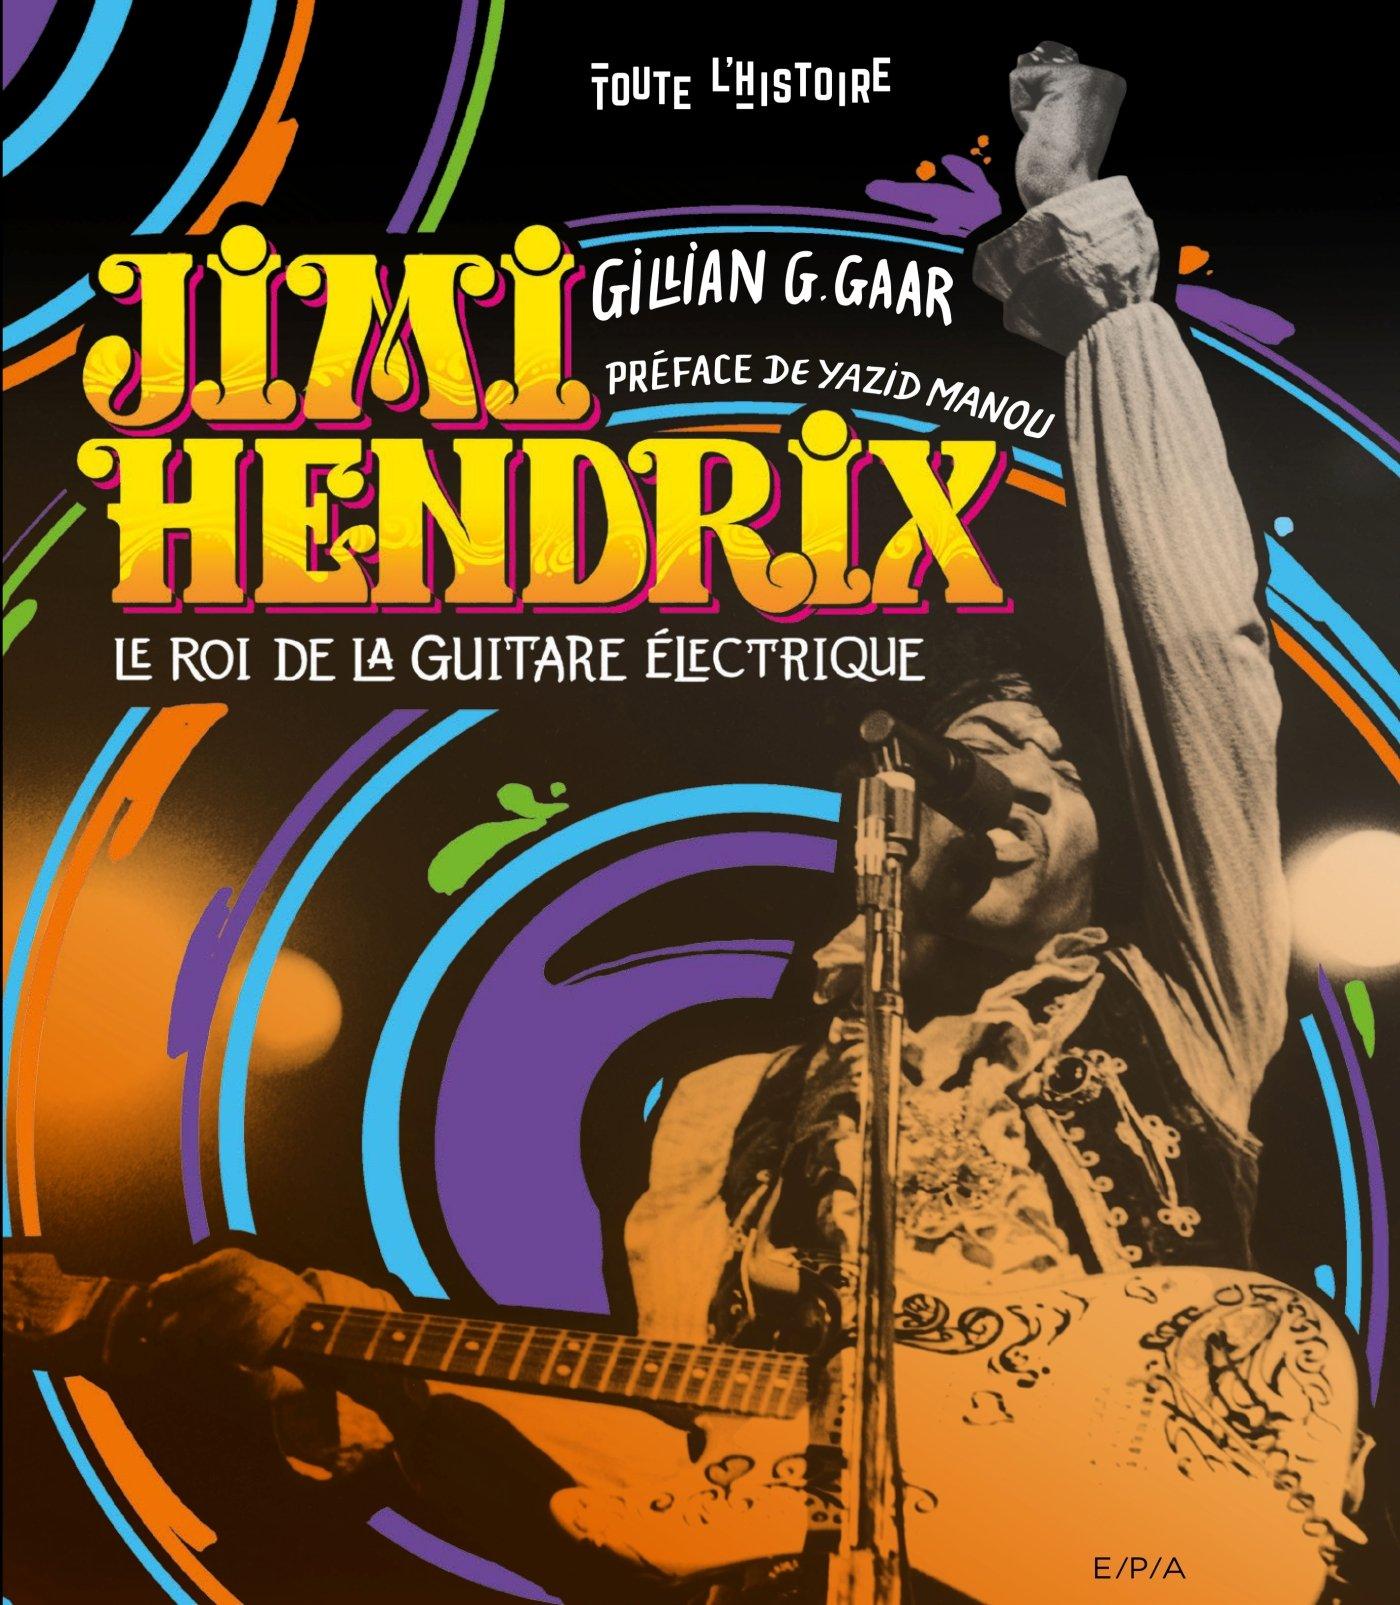 Jimi Hendrix - Le roi de la guitare électrique (Gillian G. Gaar) [2017] 815qOW8FONL